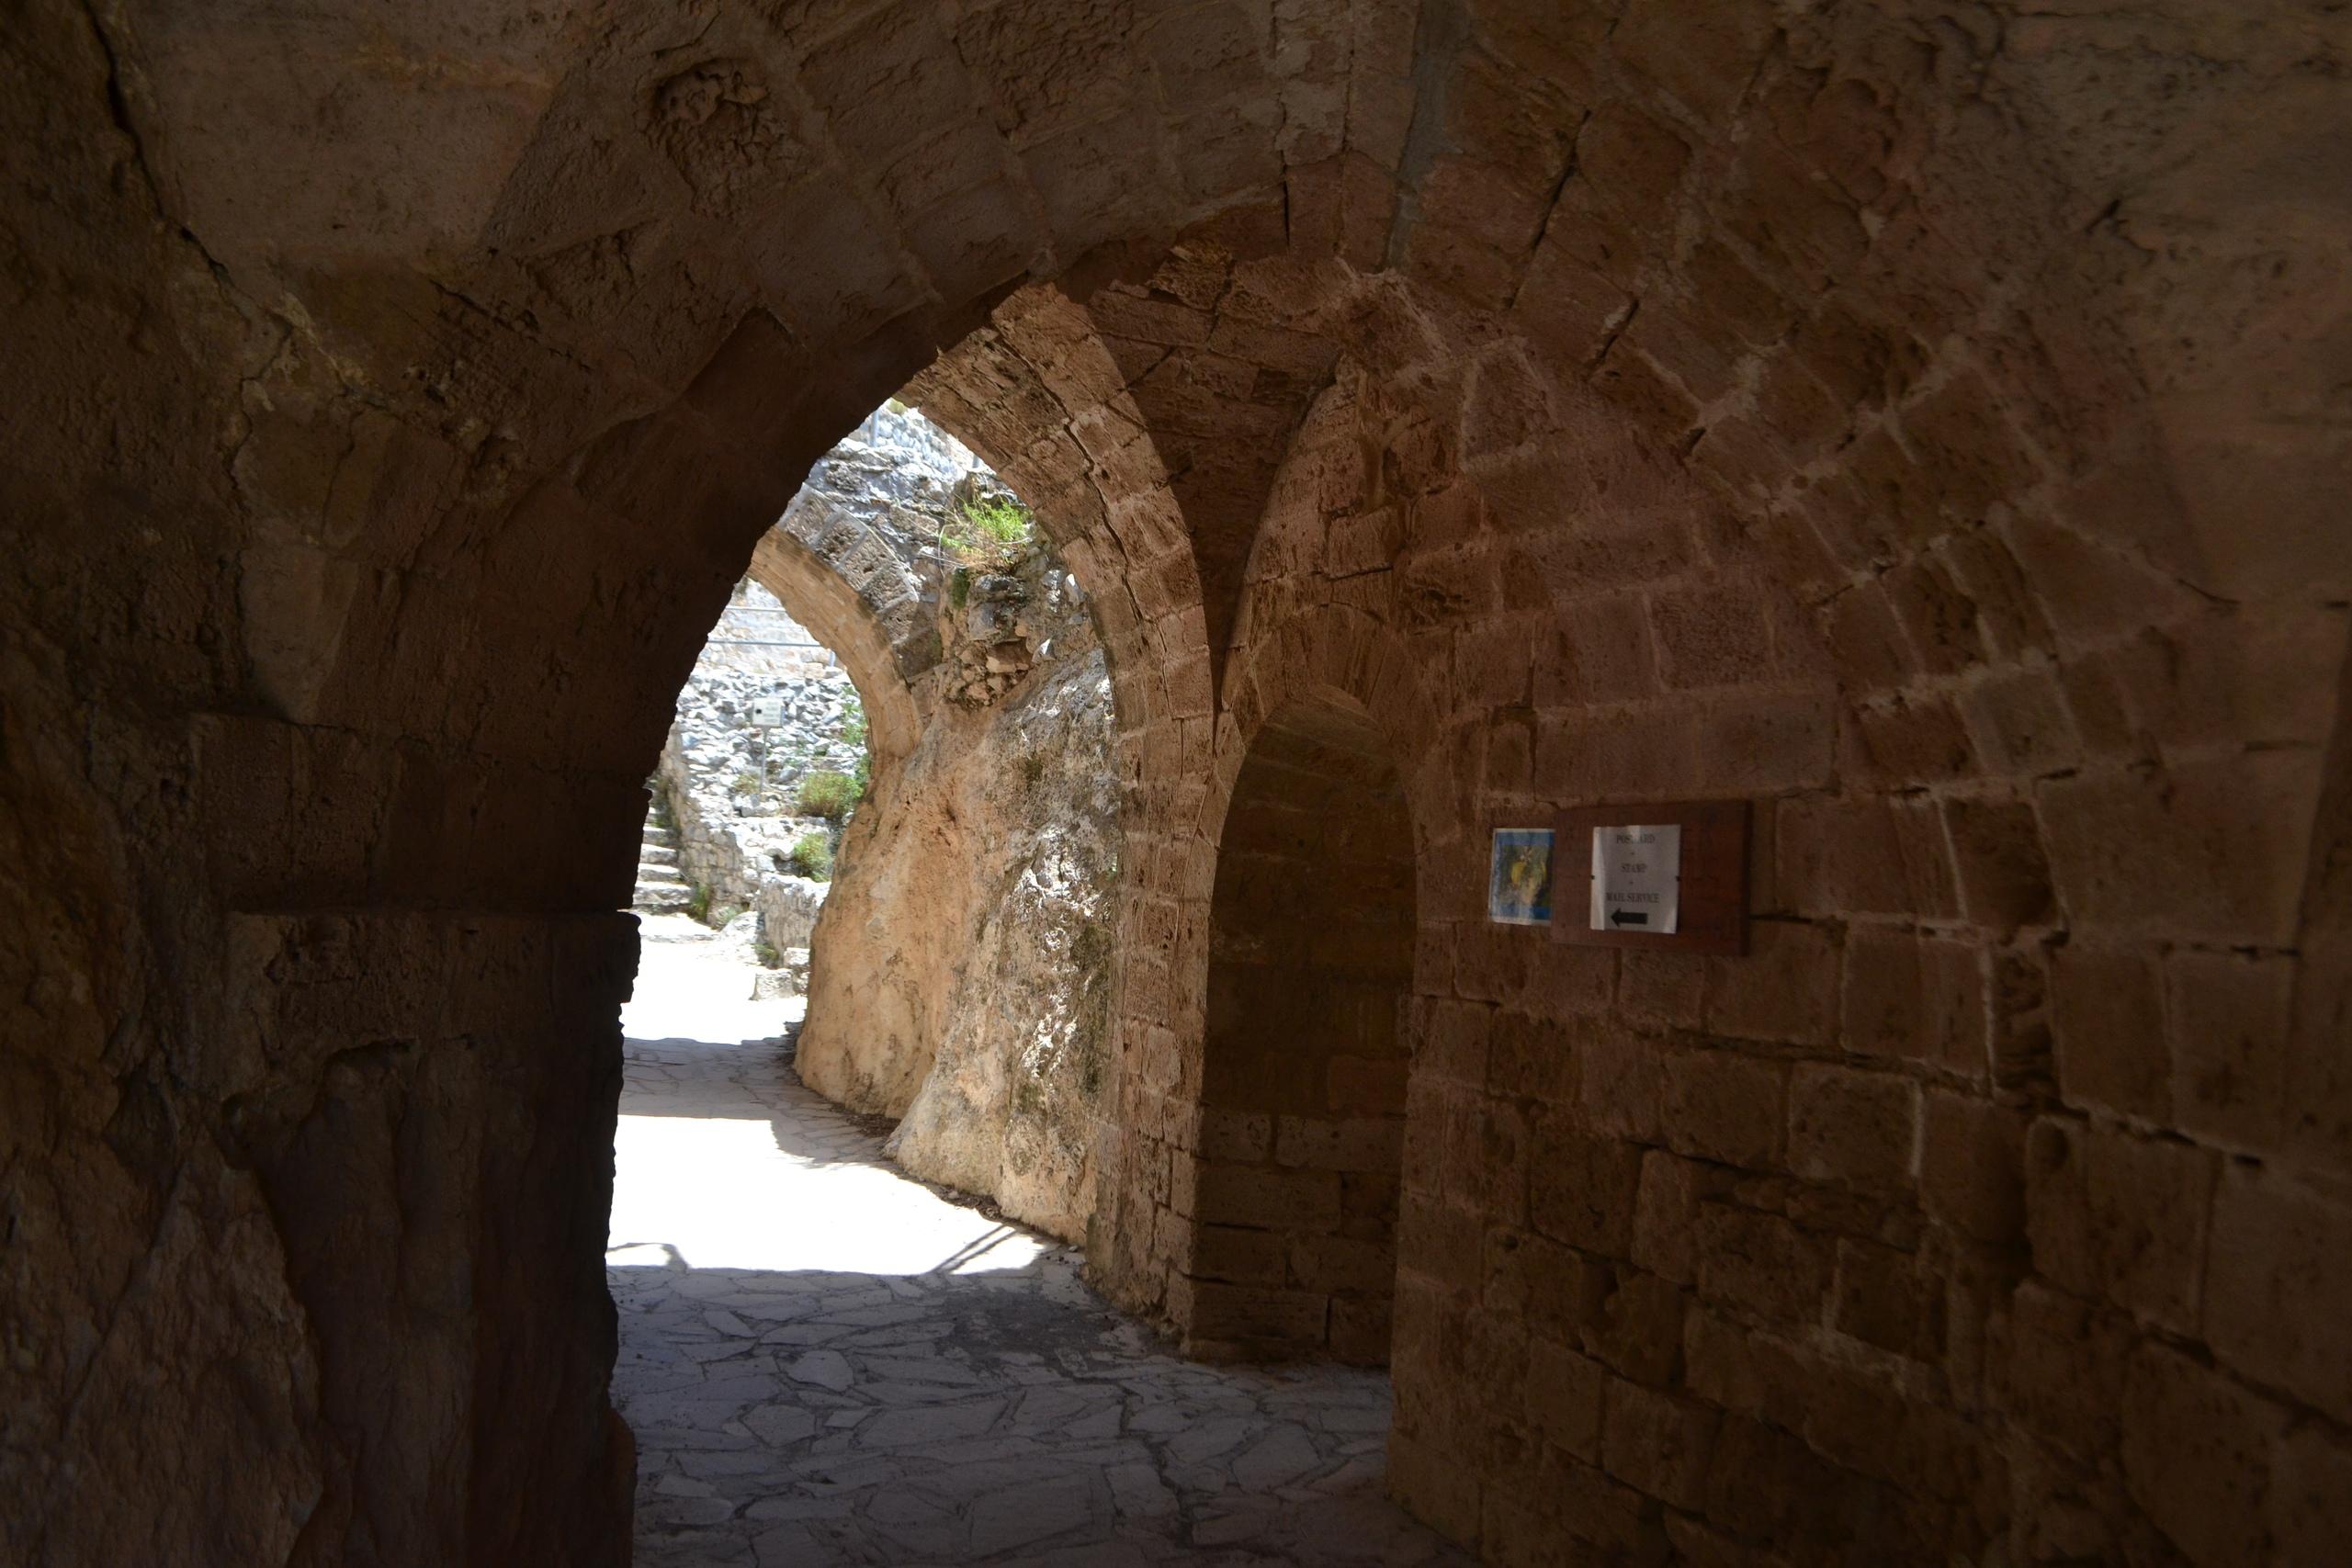 Северный Кипр. Замок Святого Иллариона. (фото). QDqHqHFRaP4